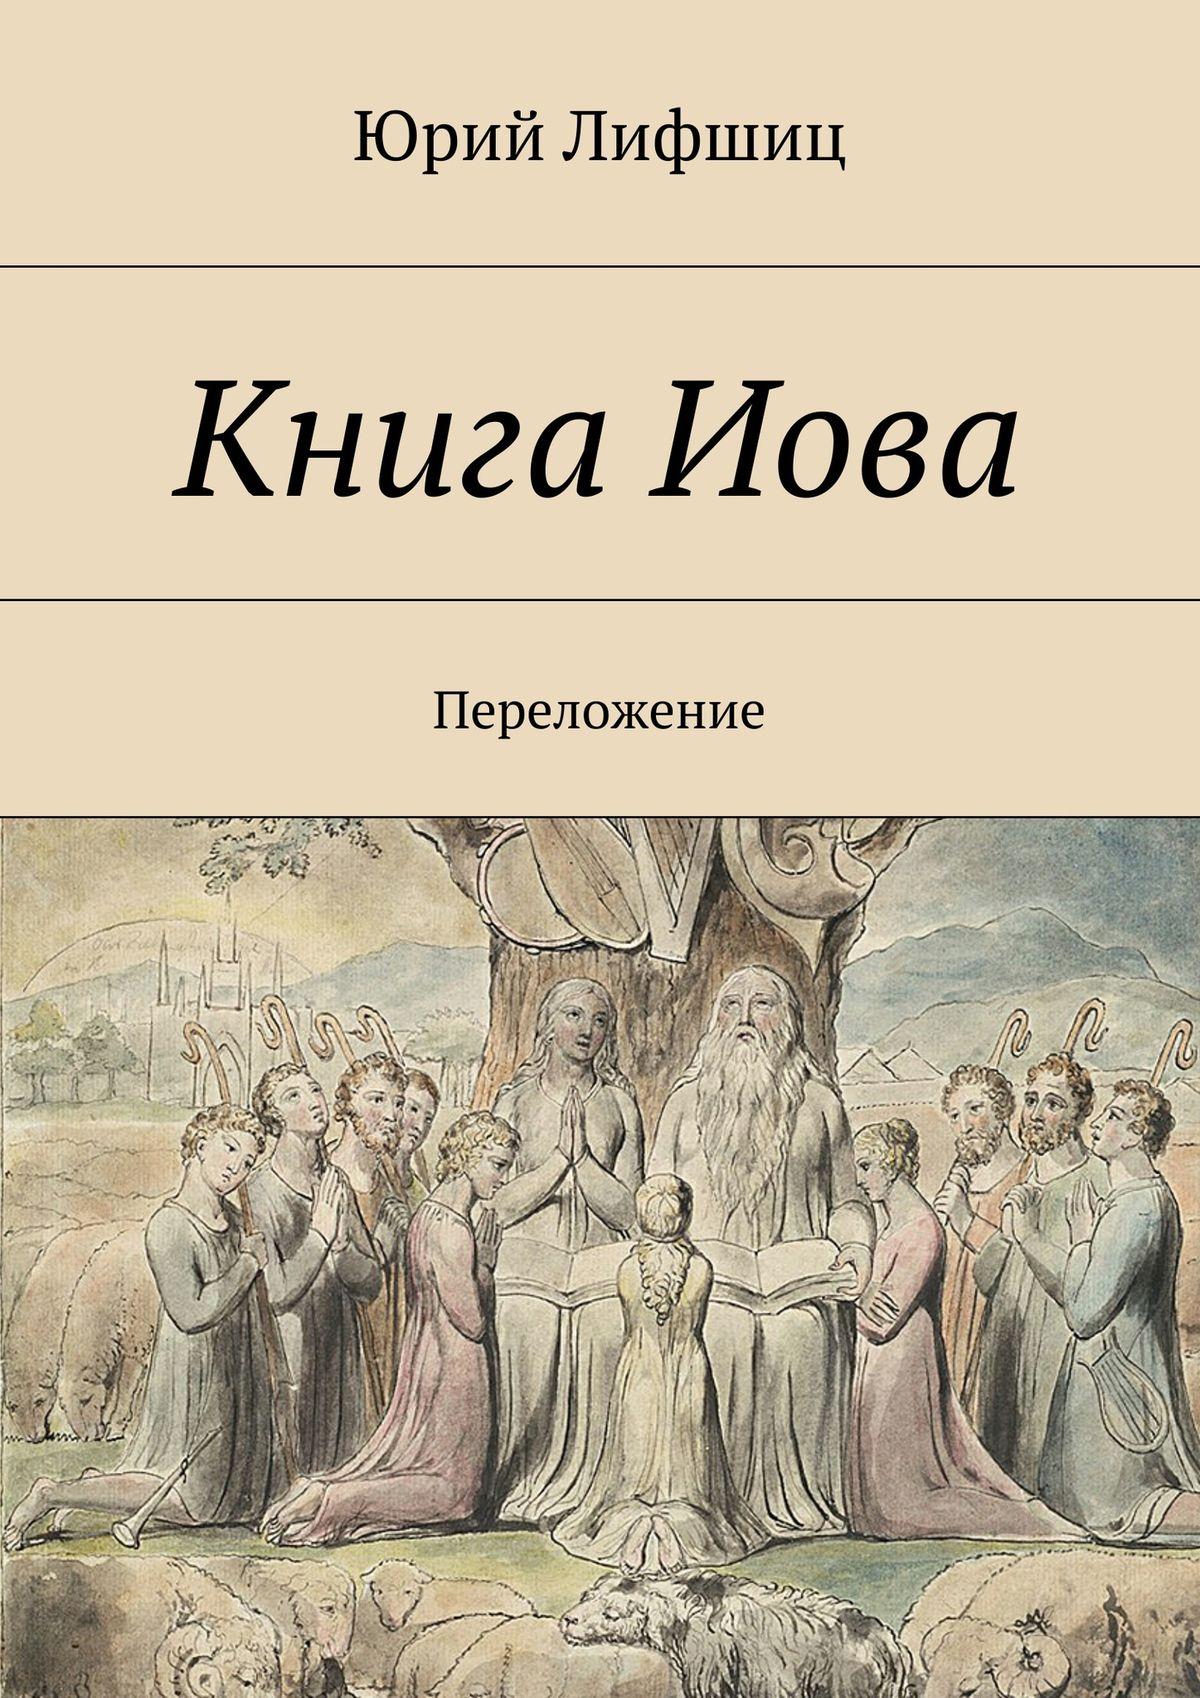 Юрий Лифшиц КнигаИова. Переложение ветхий завет книга иова